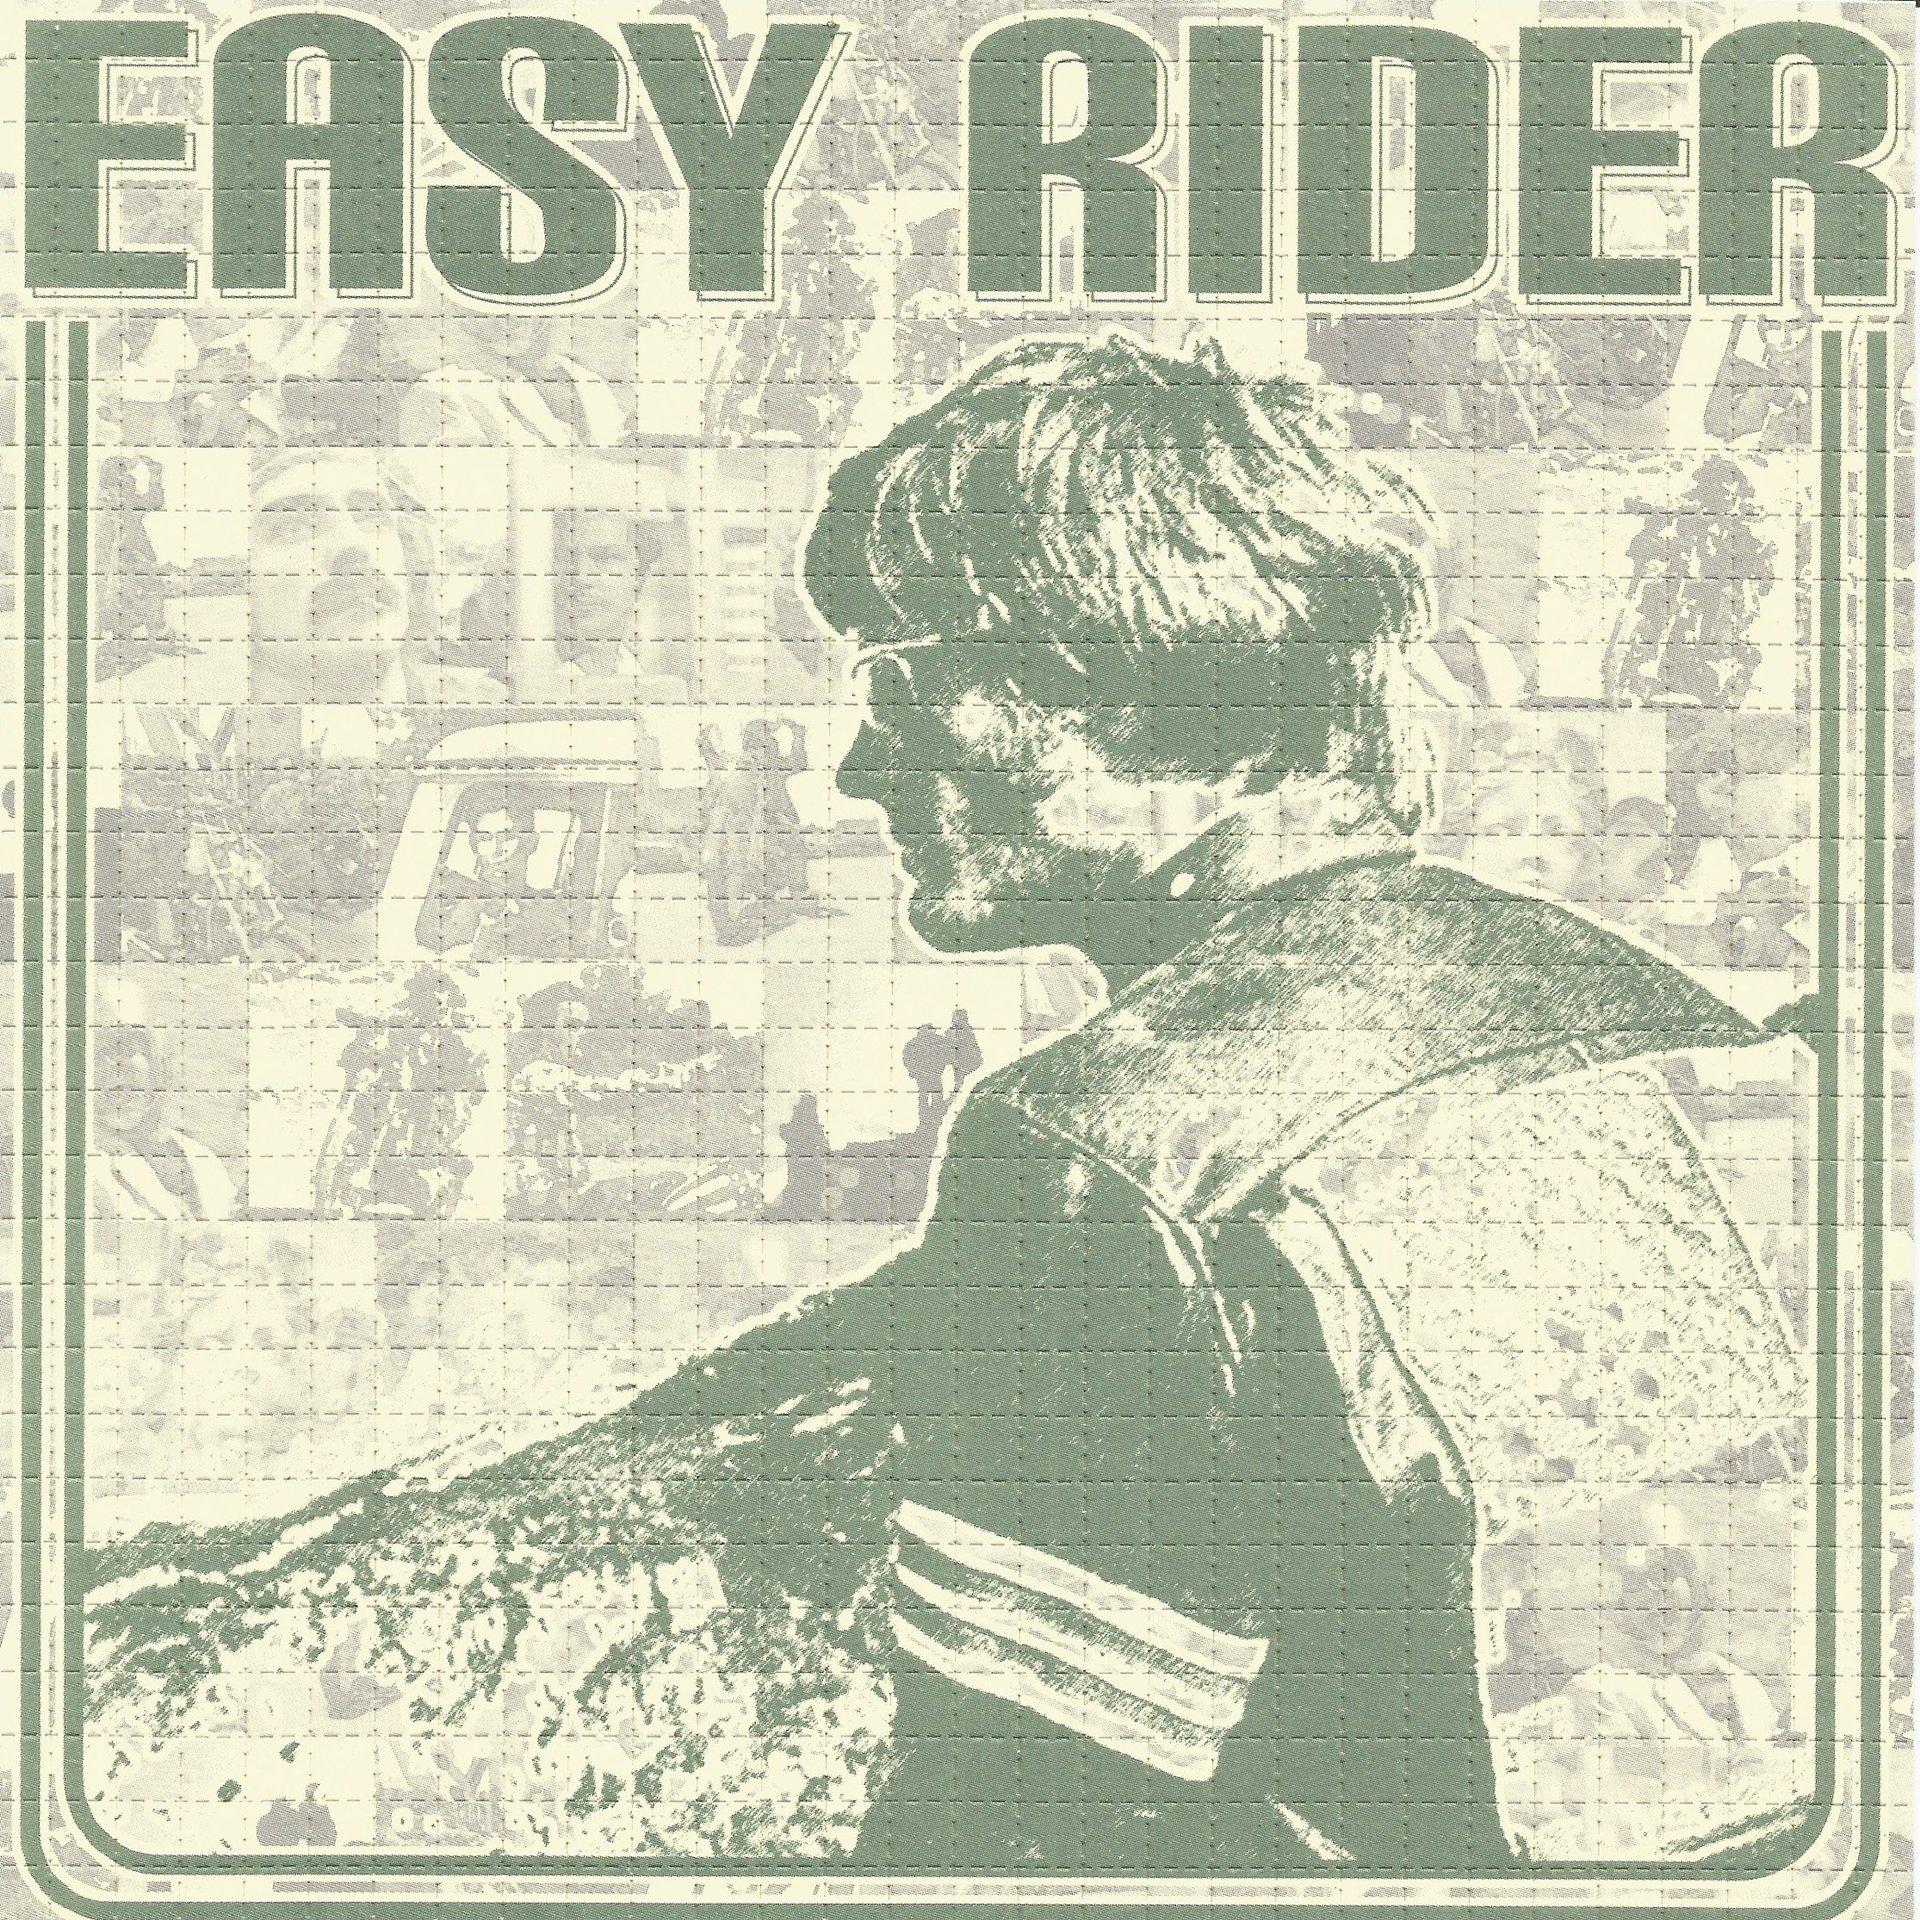 Easy Rider (Light) Blotter